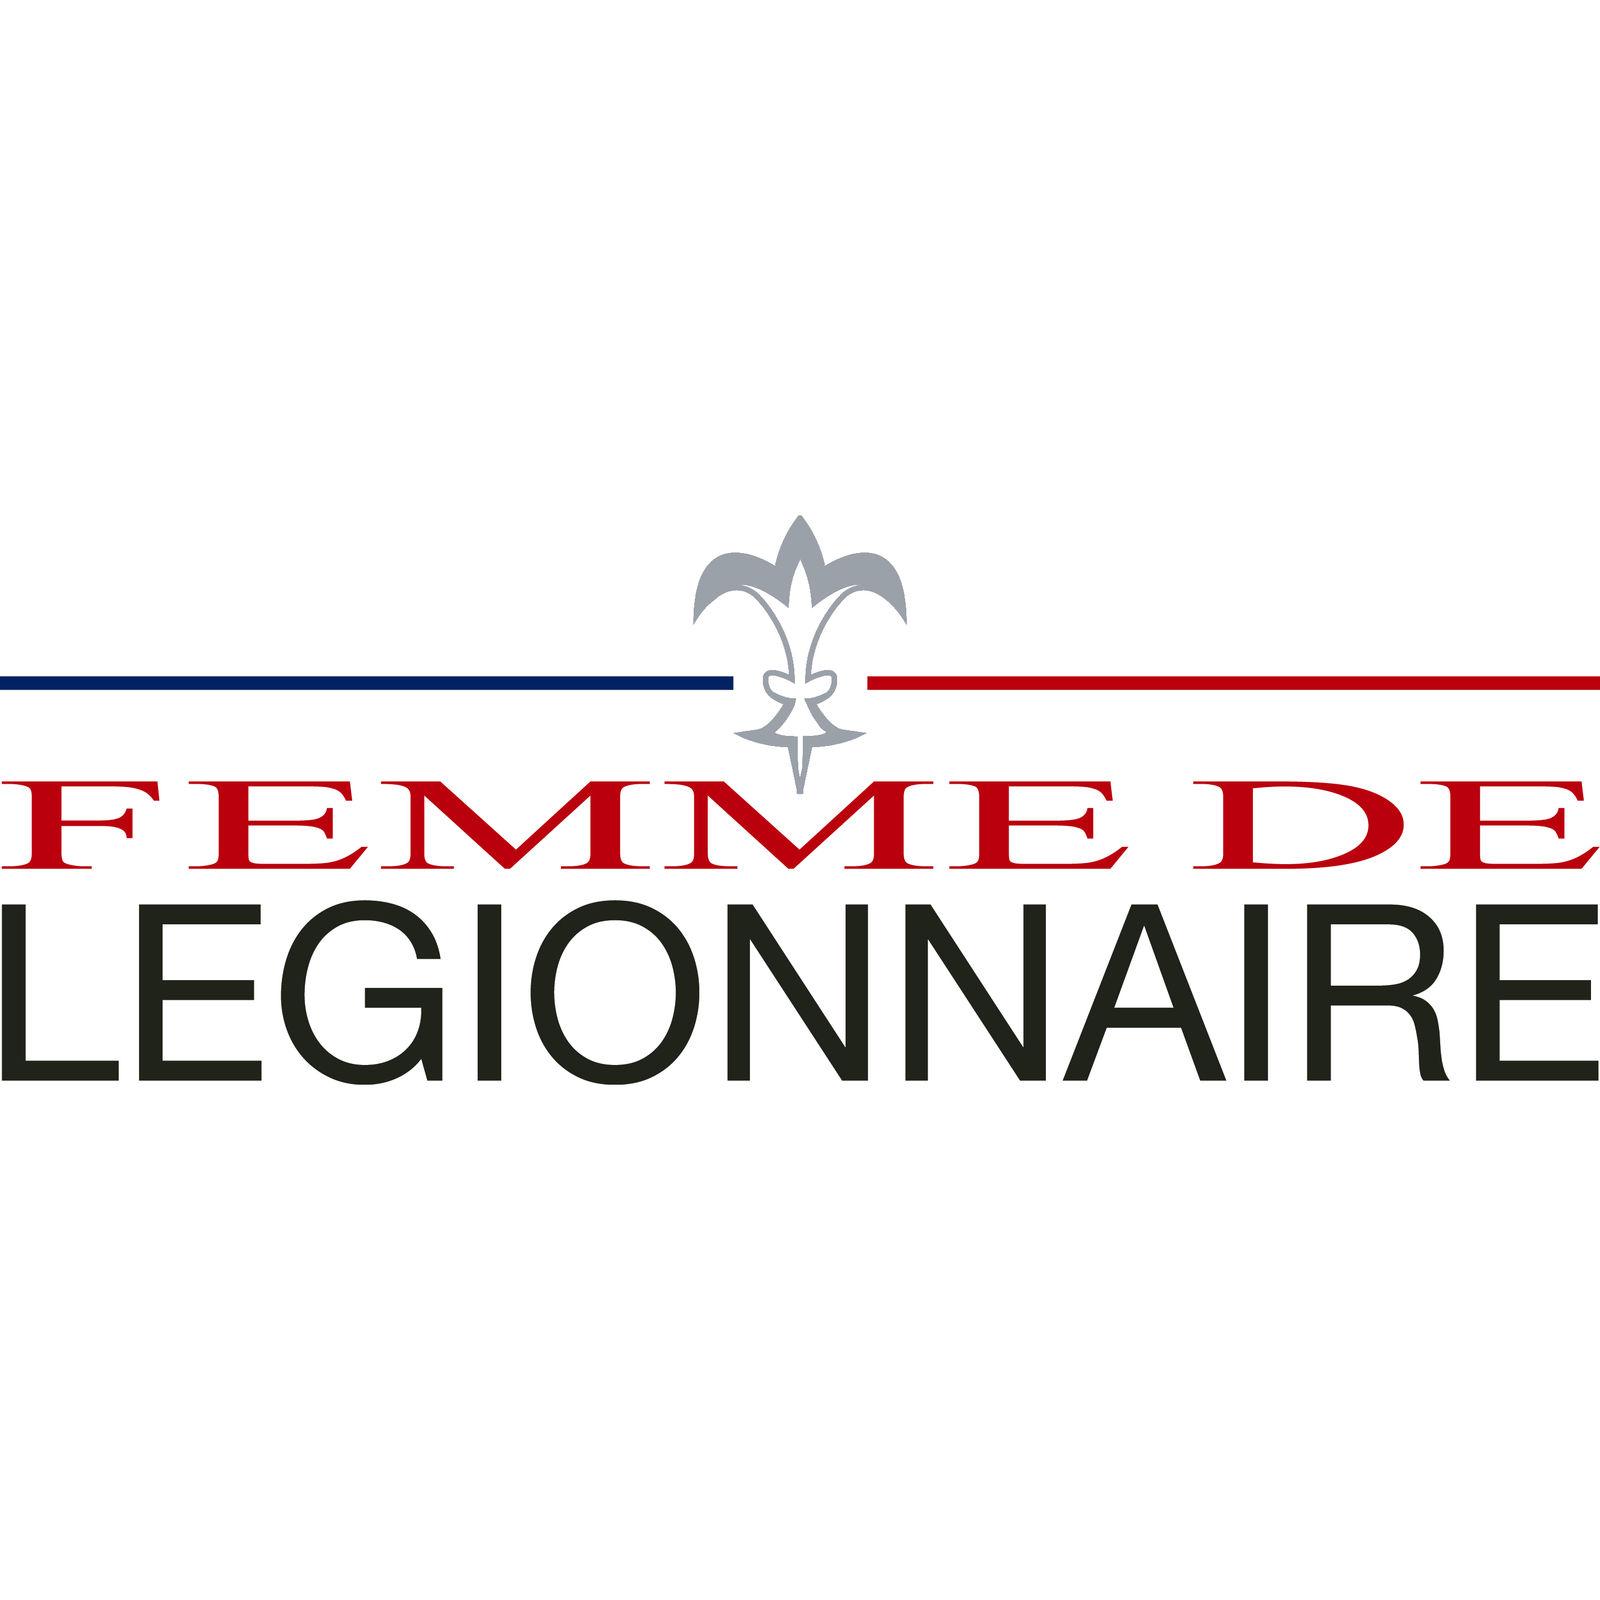 FEMME DE LEGIONNAIRE